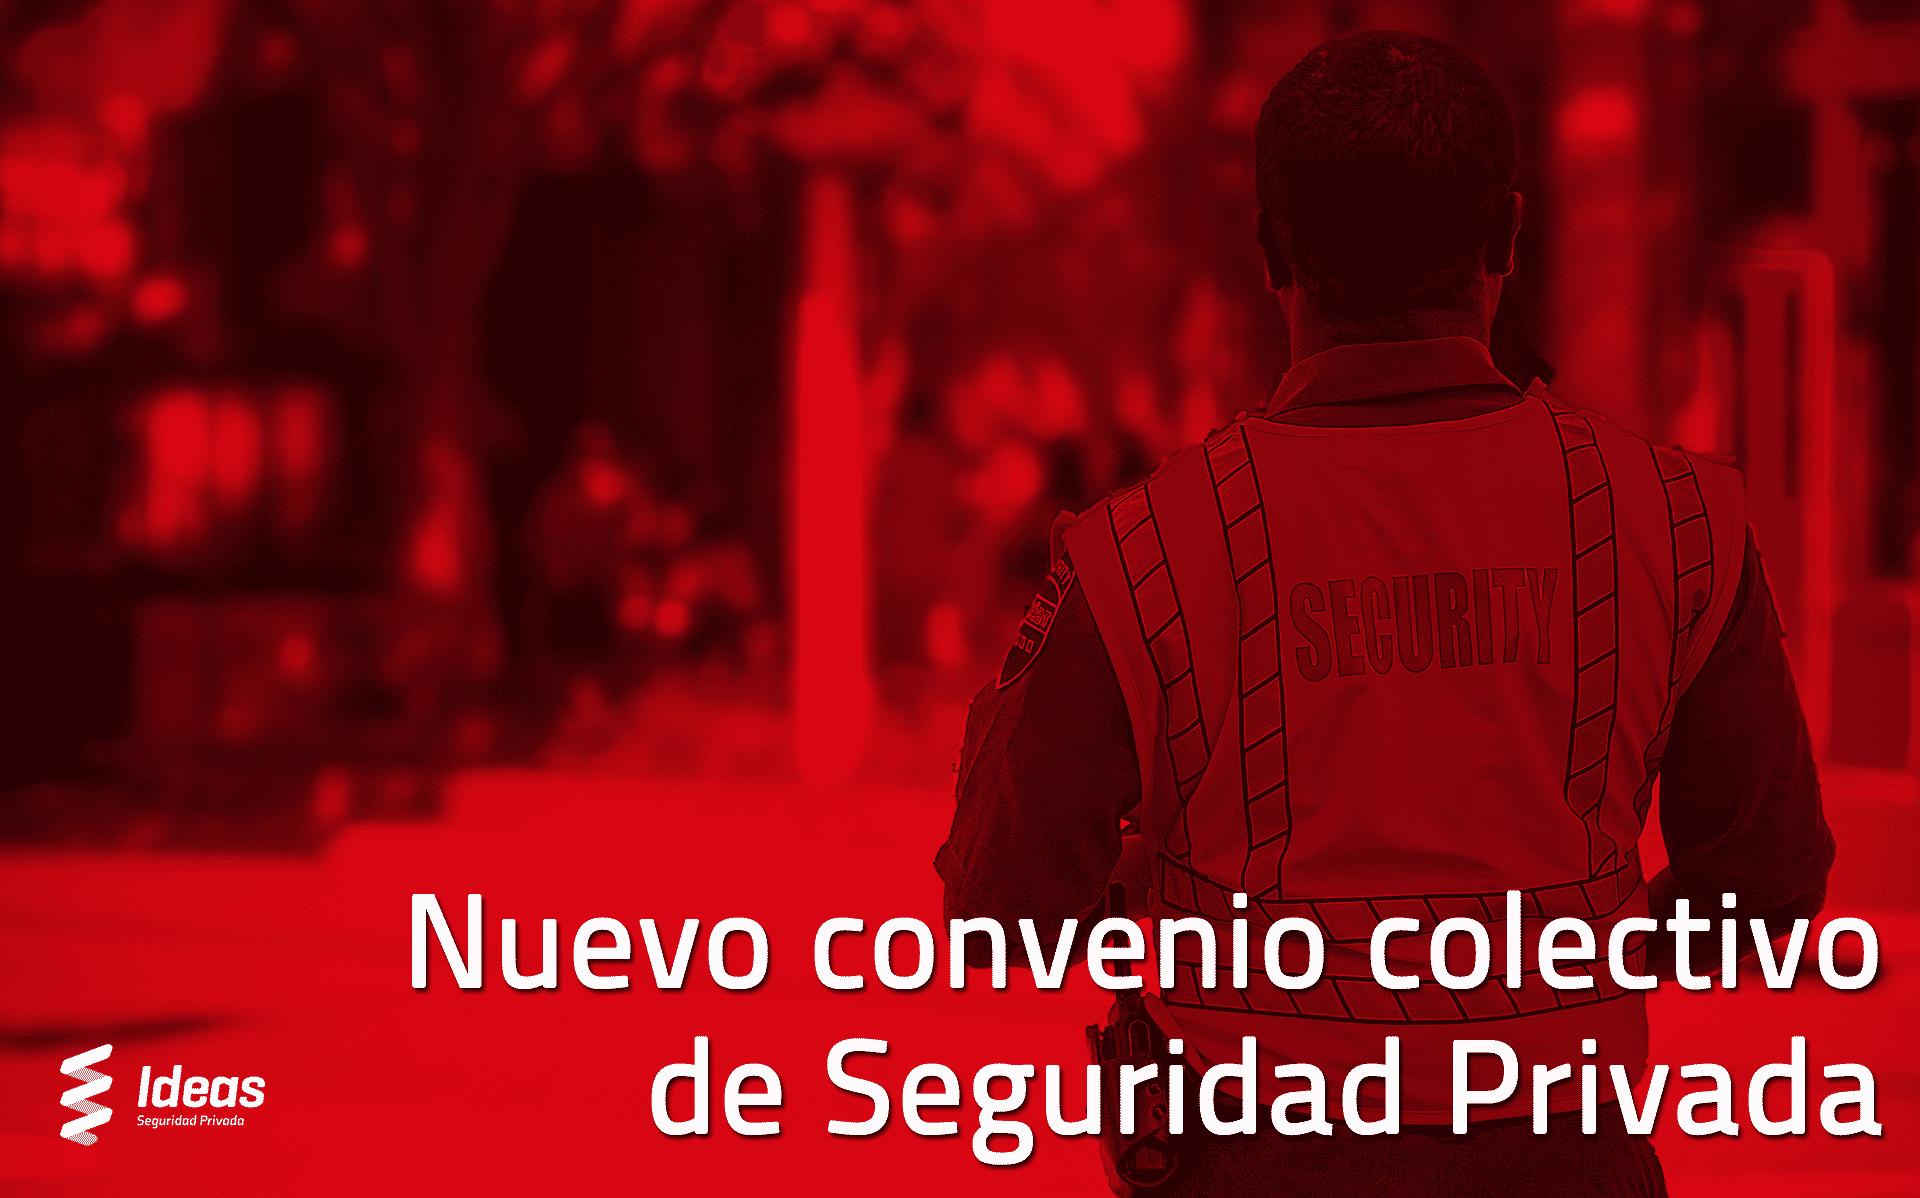 Nuevo Convenio Colectivo de Seguridad Privada, lo que necesitas saber